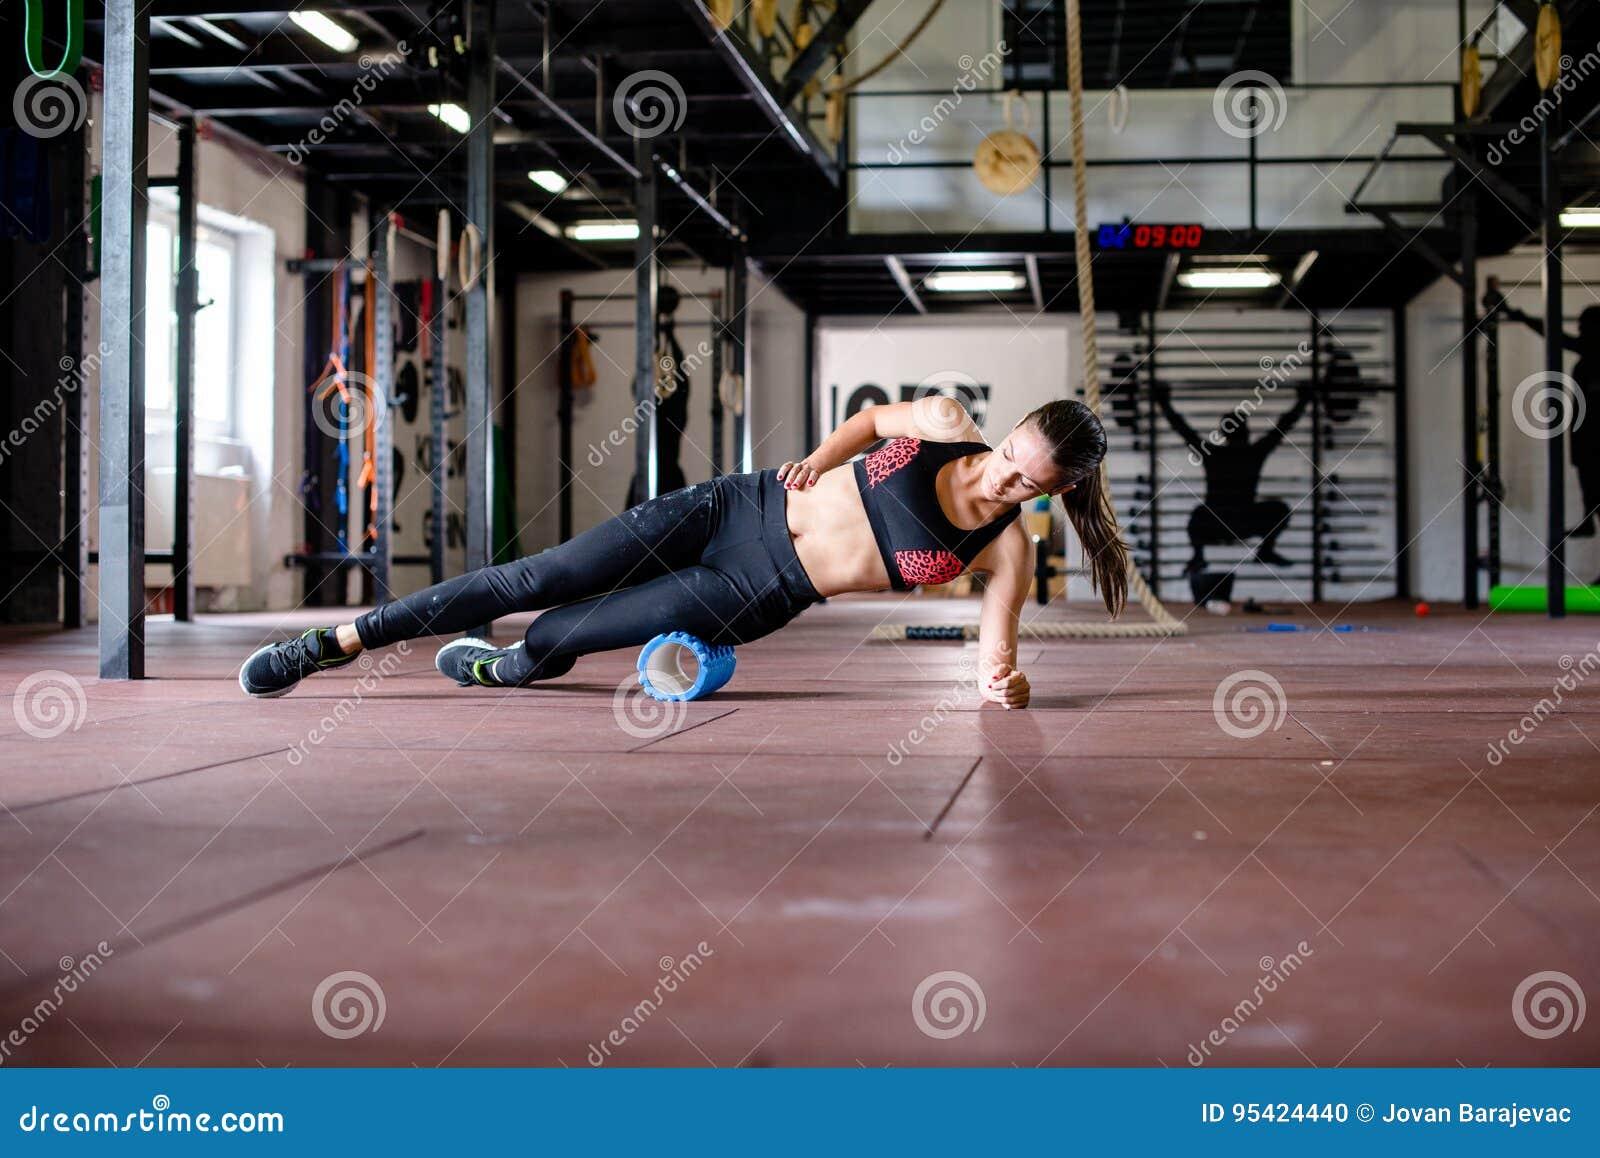 La ragazza sta esercitandosi sul pavimento della palestra